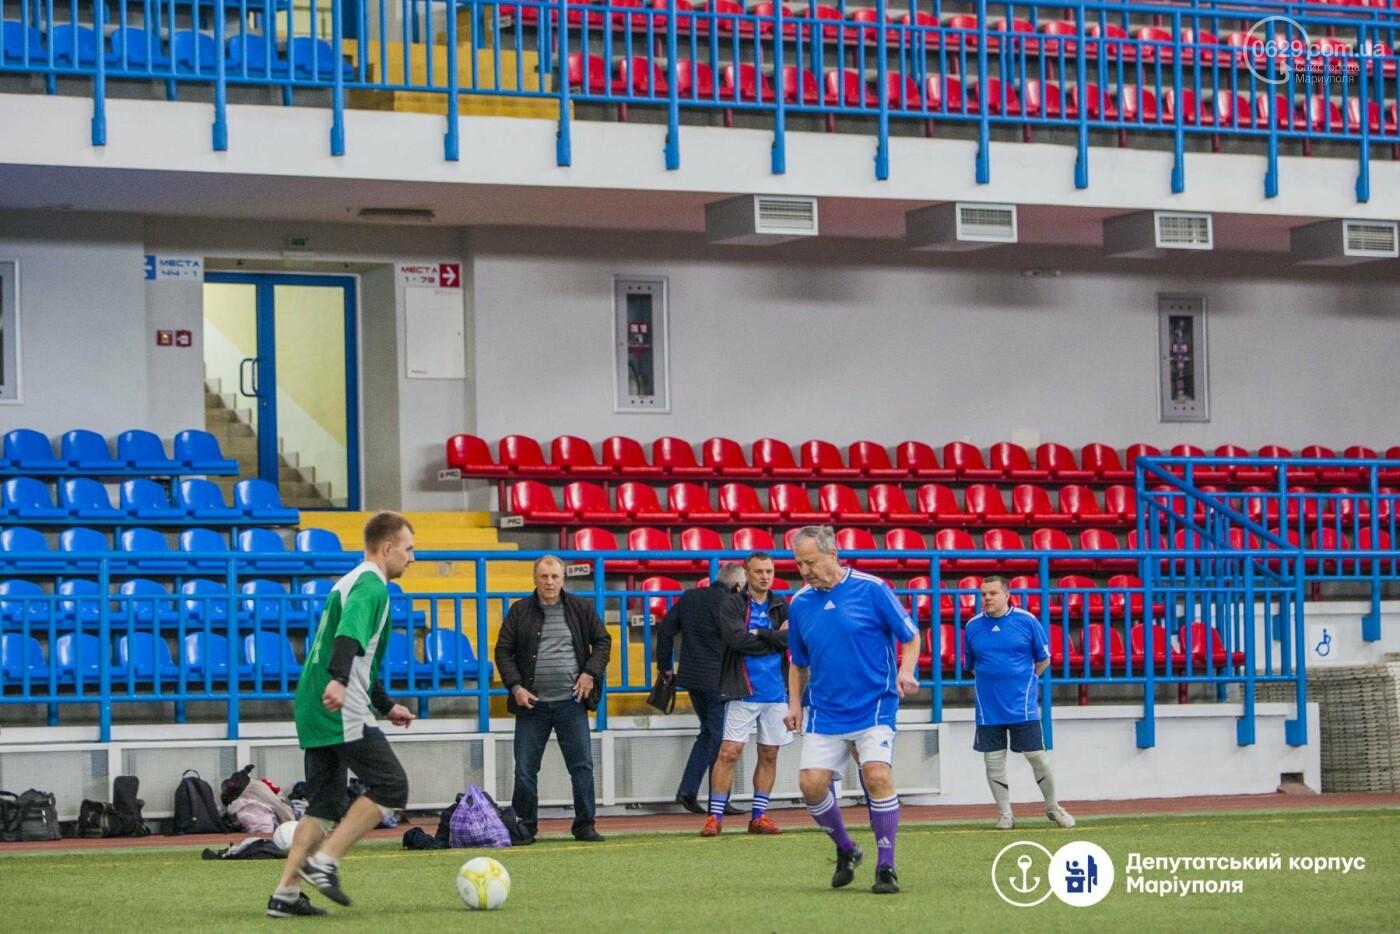 В Мариуполь съехались депутаты, чтобы поиграть в футбол и шашки (ФОТО+ВИДЕО), фото-3